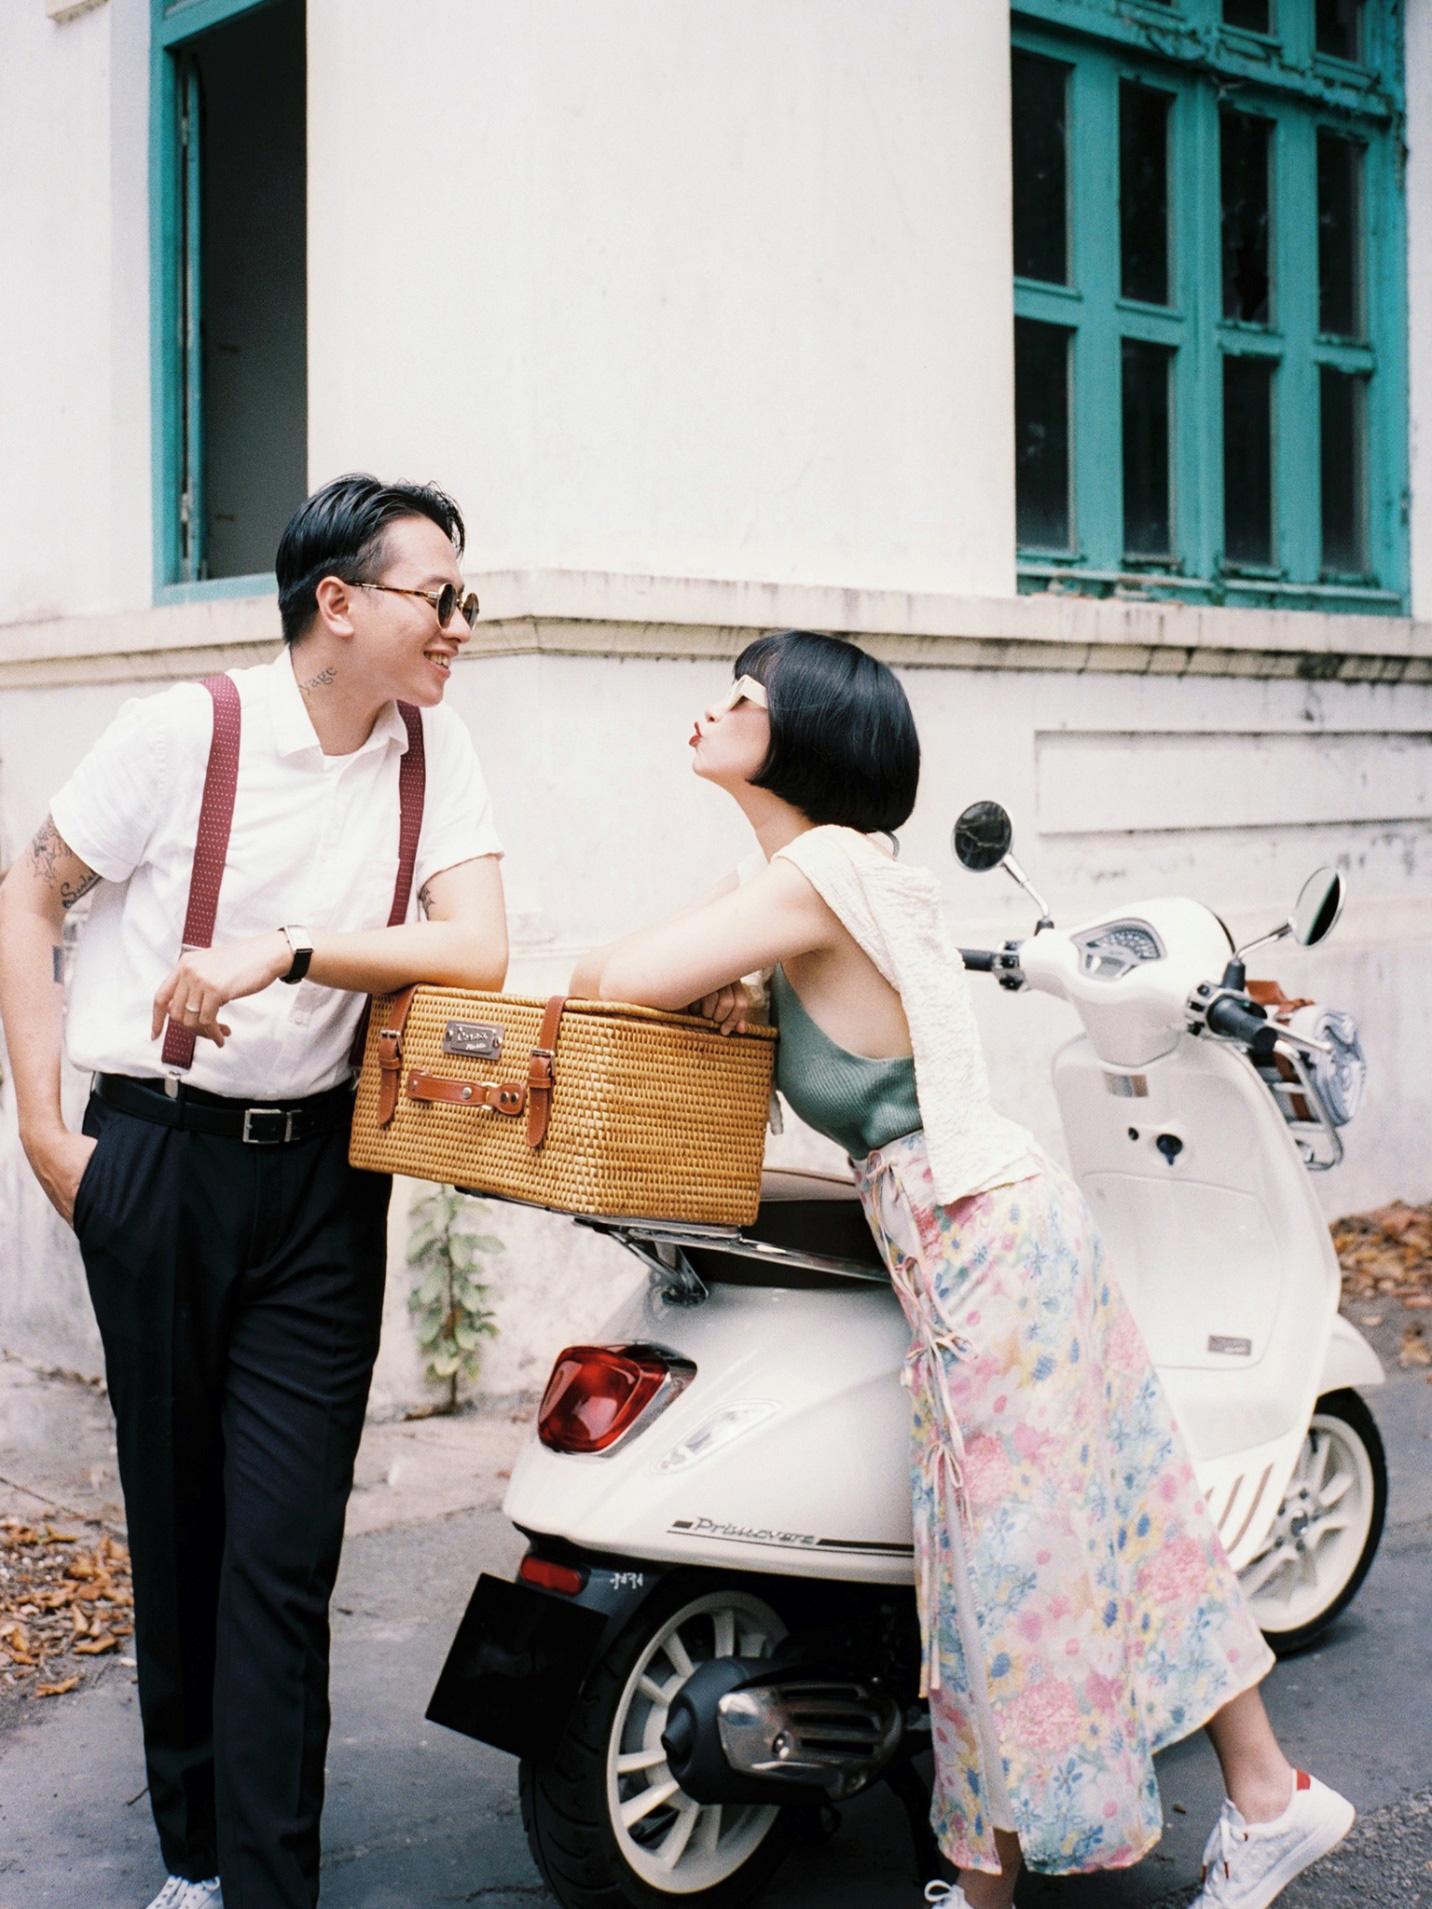 Hành trình yêu bất tận: Đi đâu cũng được, chỉ cần là đi cùng nhau - Ảnh 7.